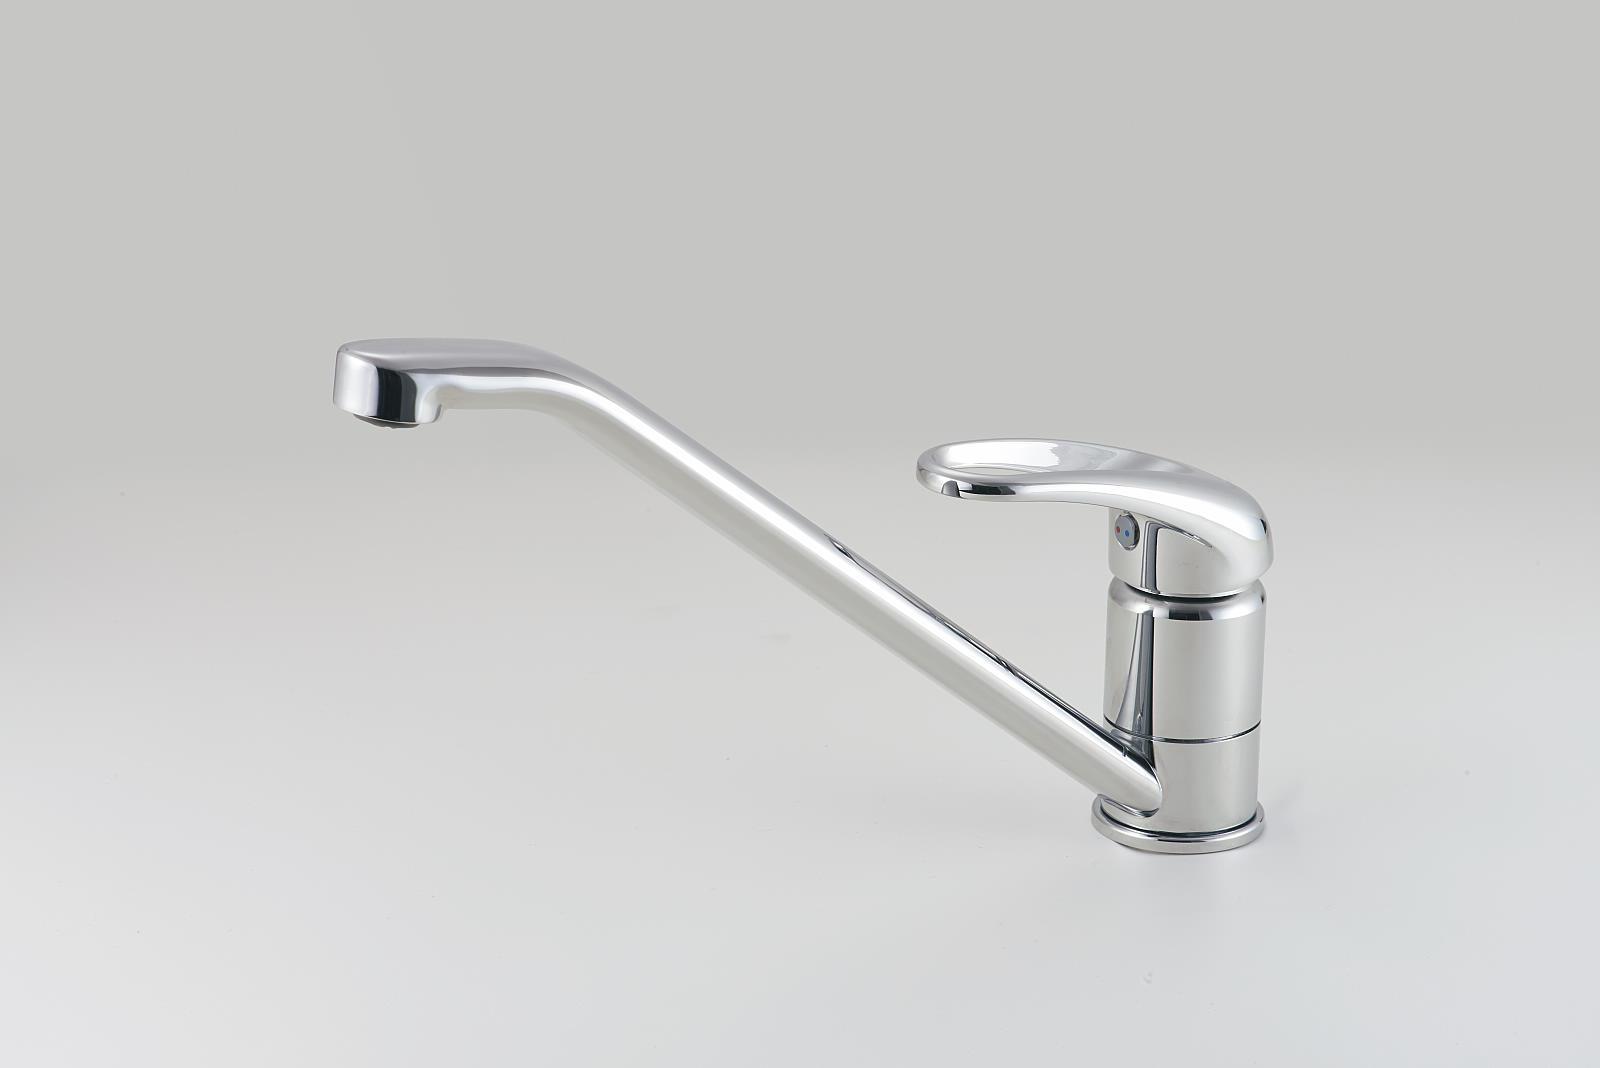 混合水栓(泡沫吐水)